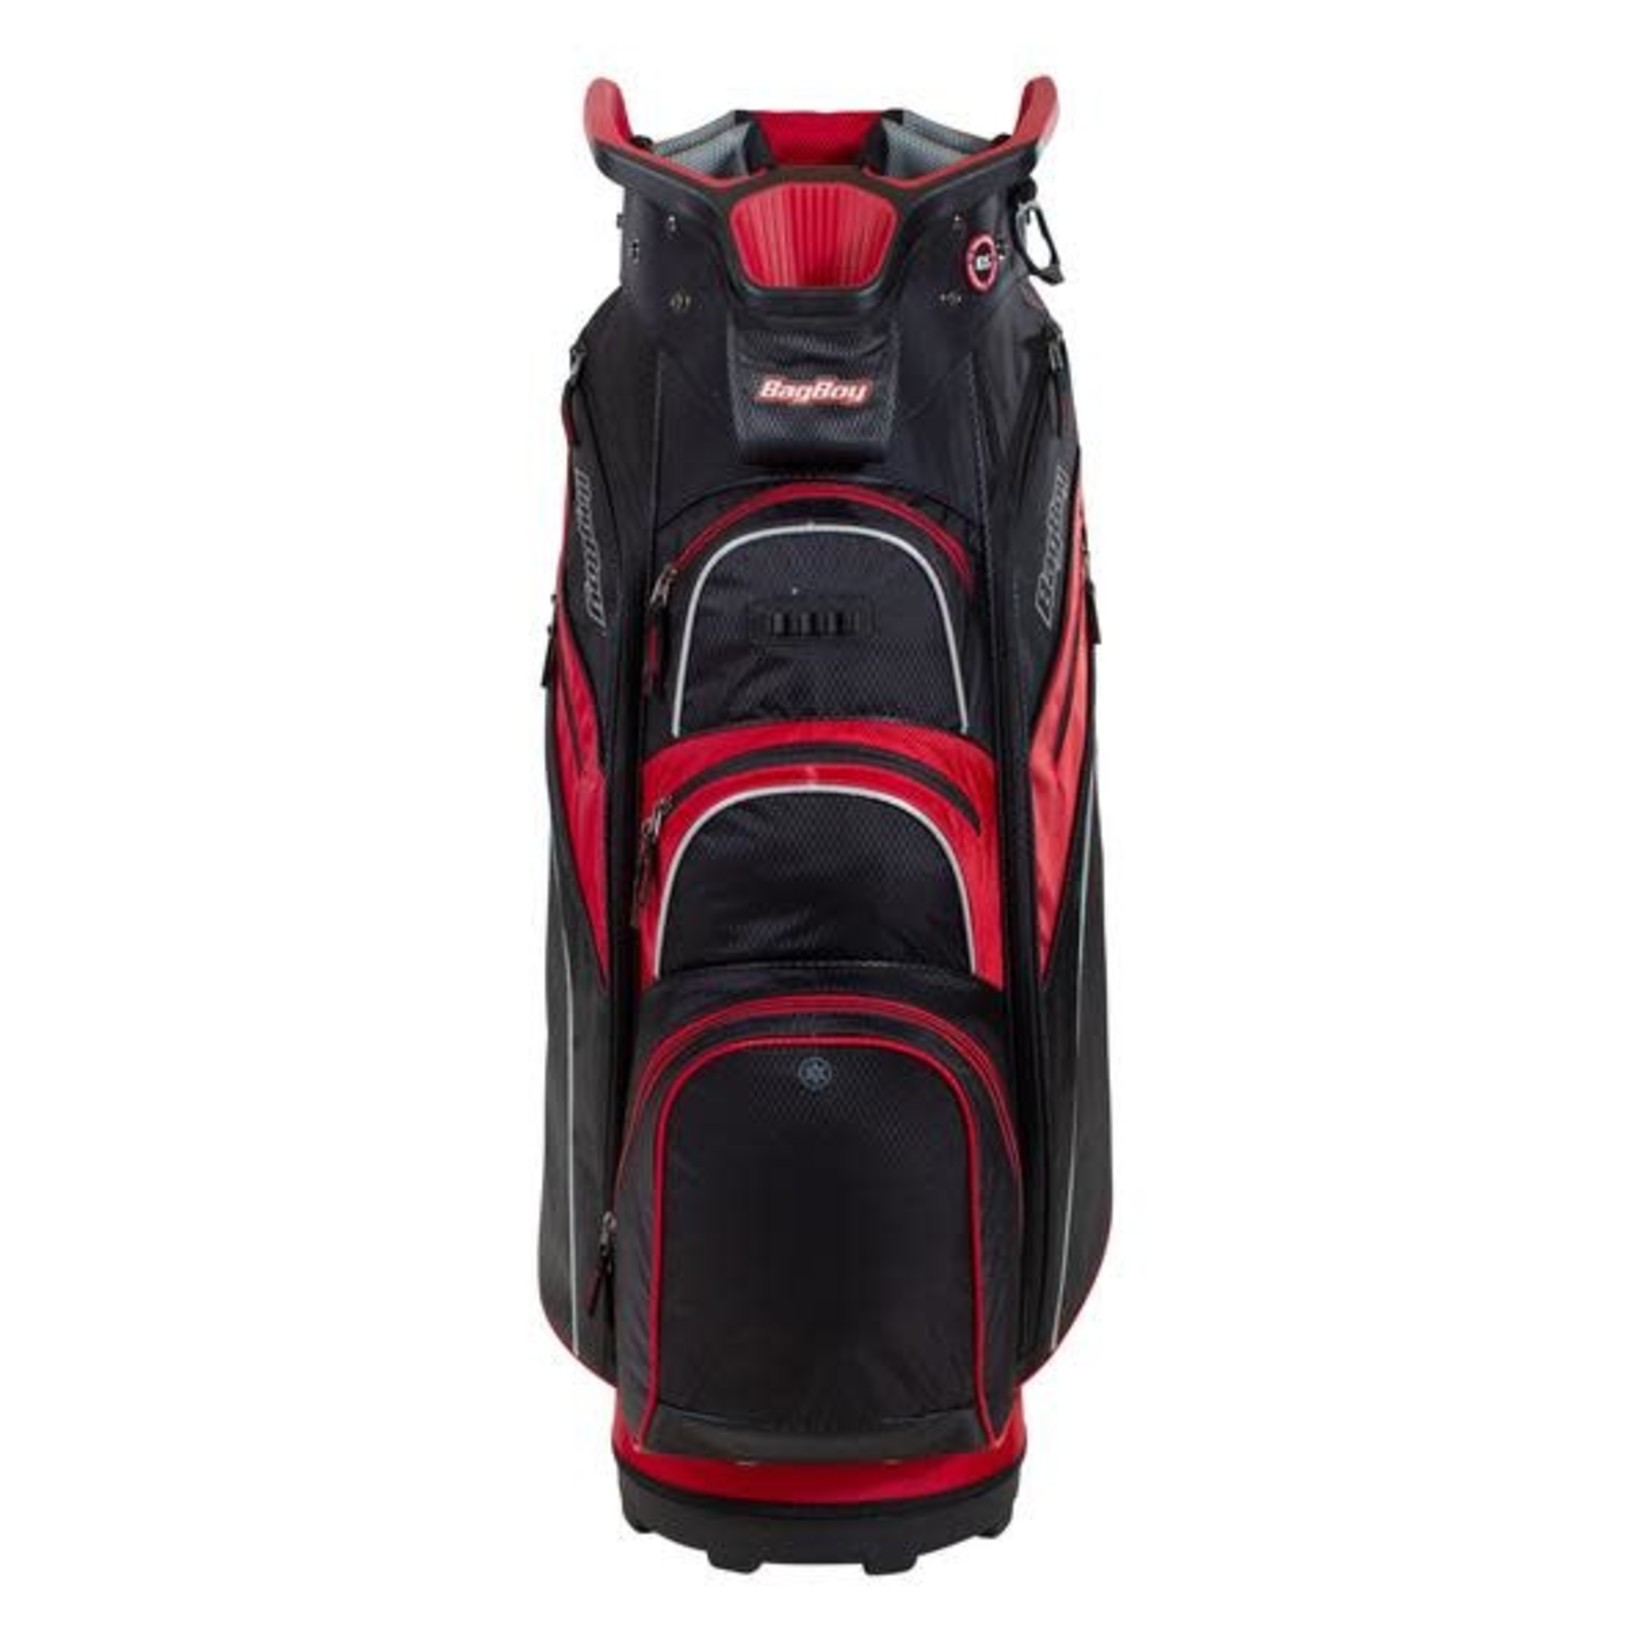 BagBoy Bagboy Lite Rider Pro Black / Red